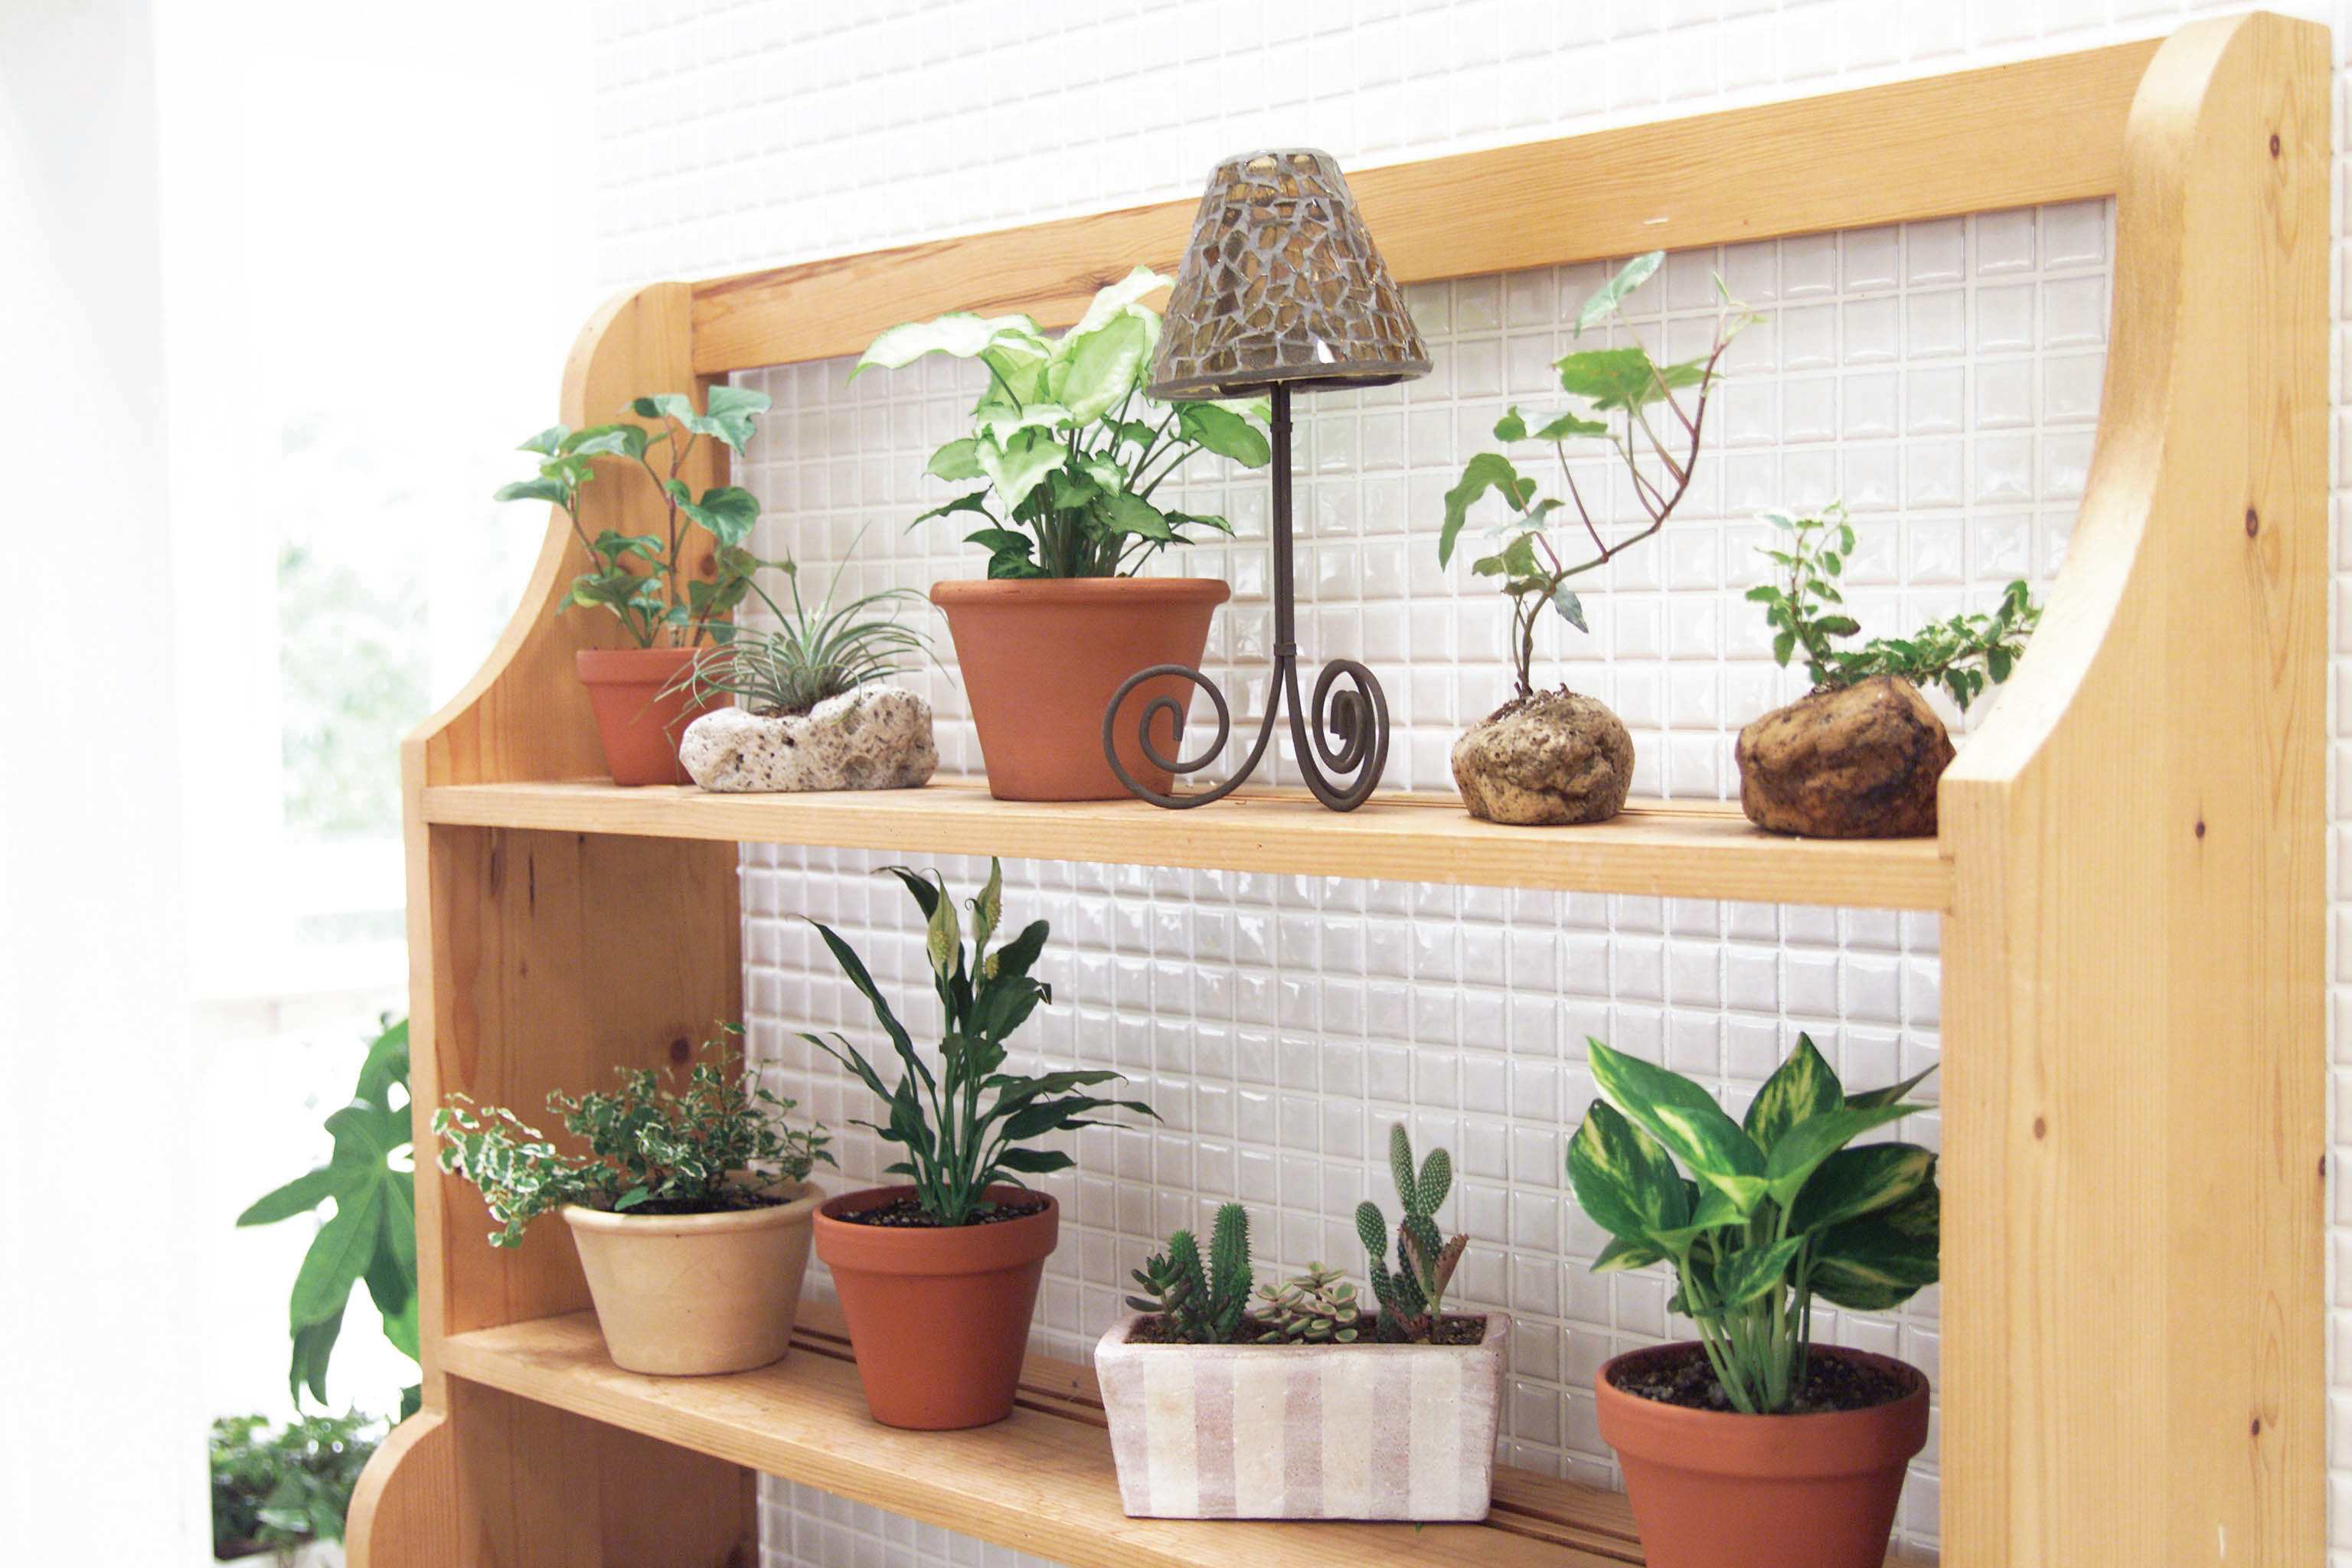 初心者必見!風水にきく観葉植物の基本をまとめてみました♡のサムネイル画像